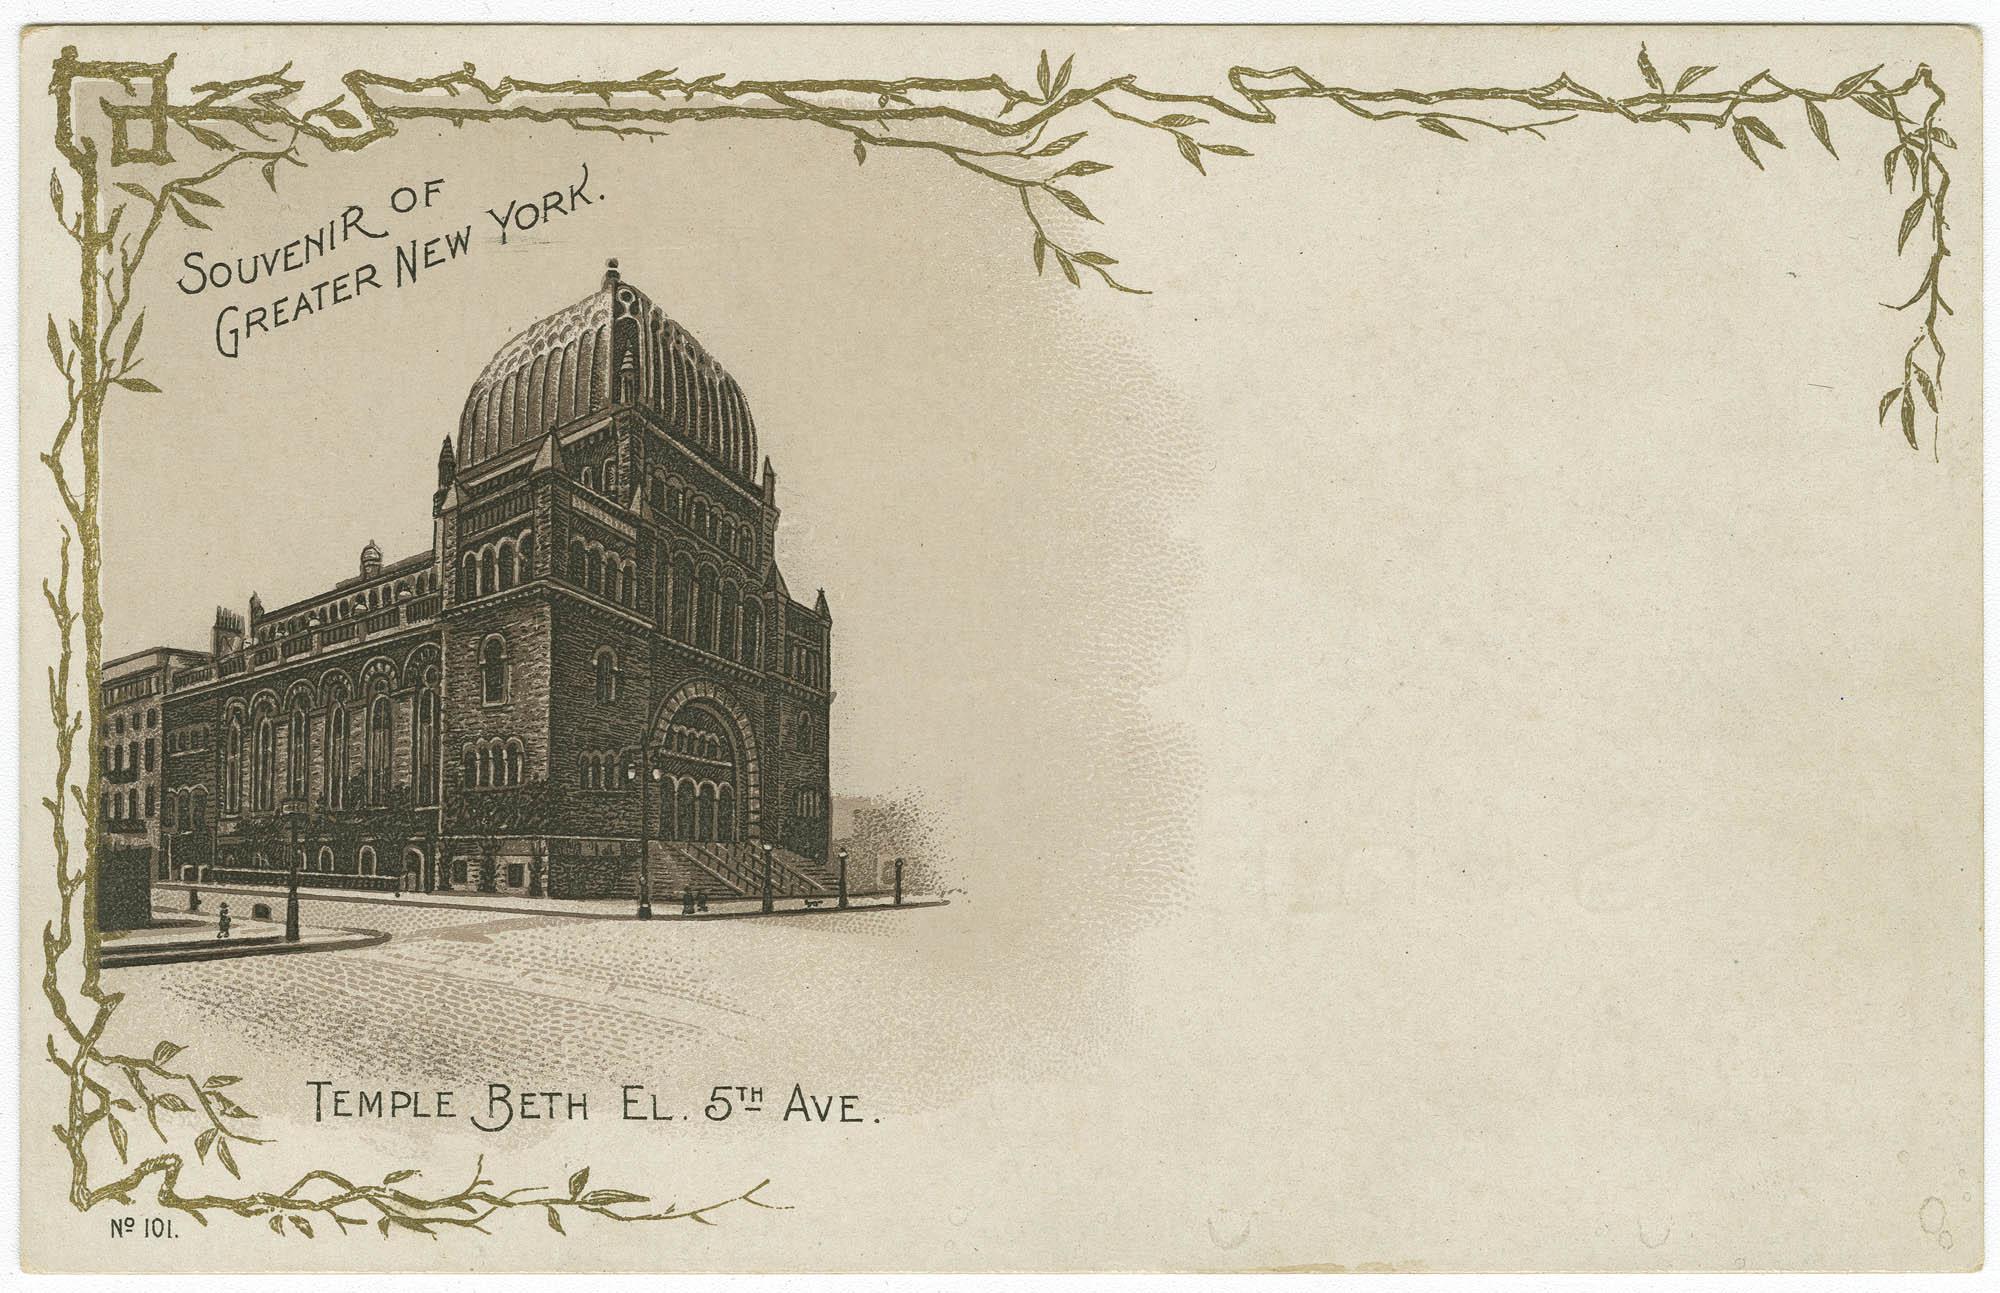 Temple Beth El. 5th Ave.